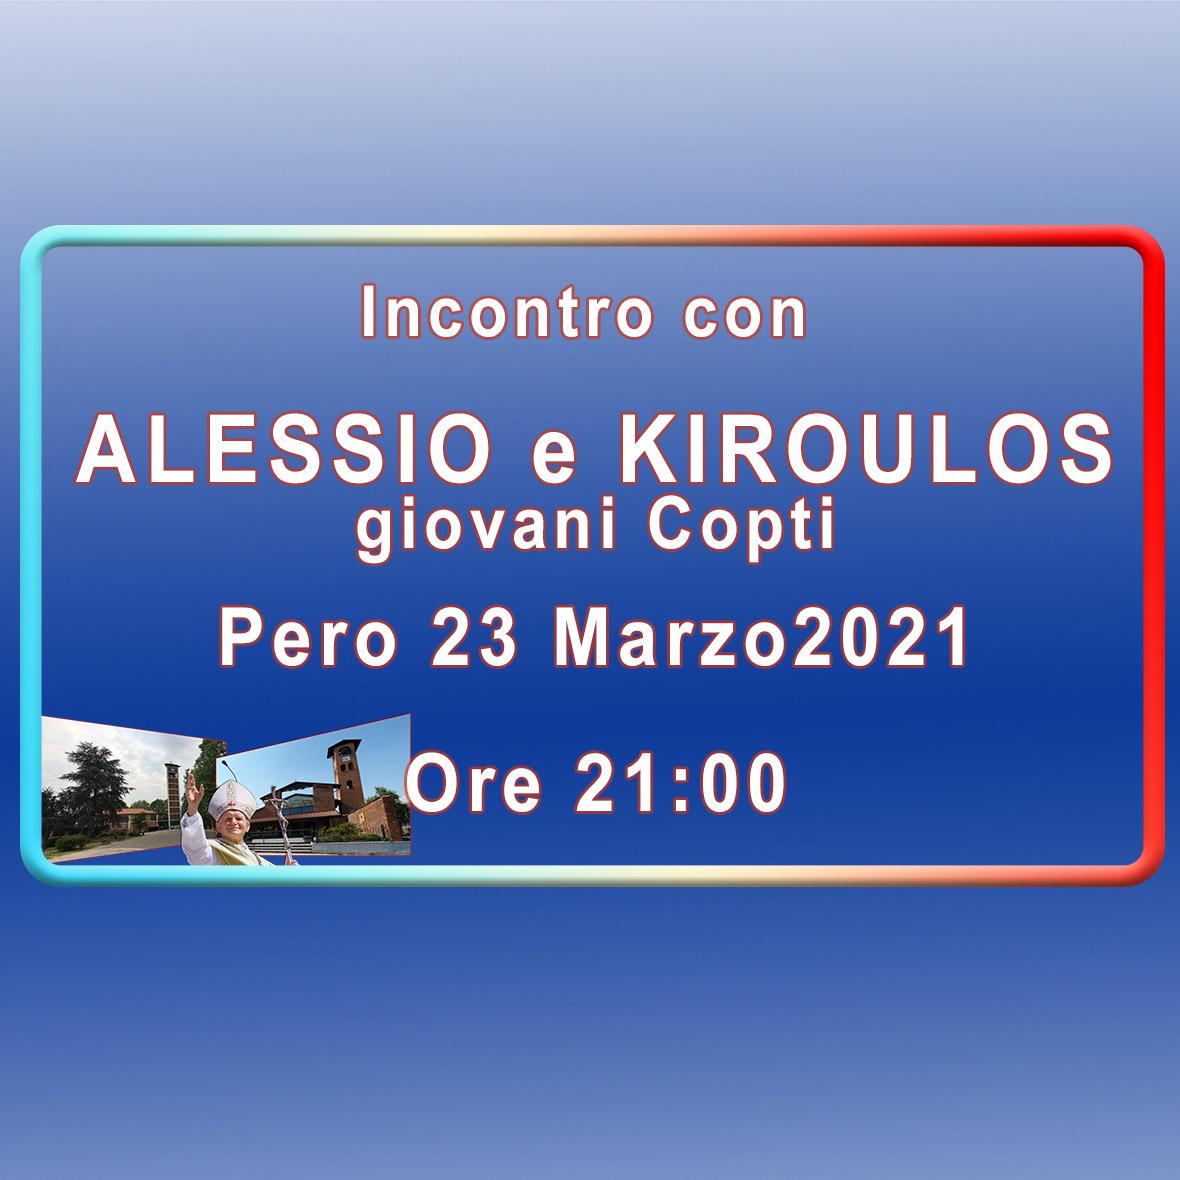 Incontro con  ALESSIO e KIROULOS